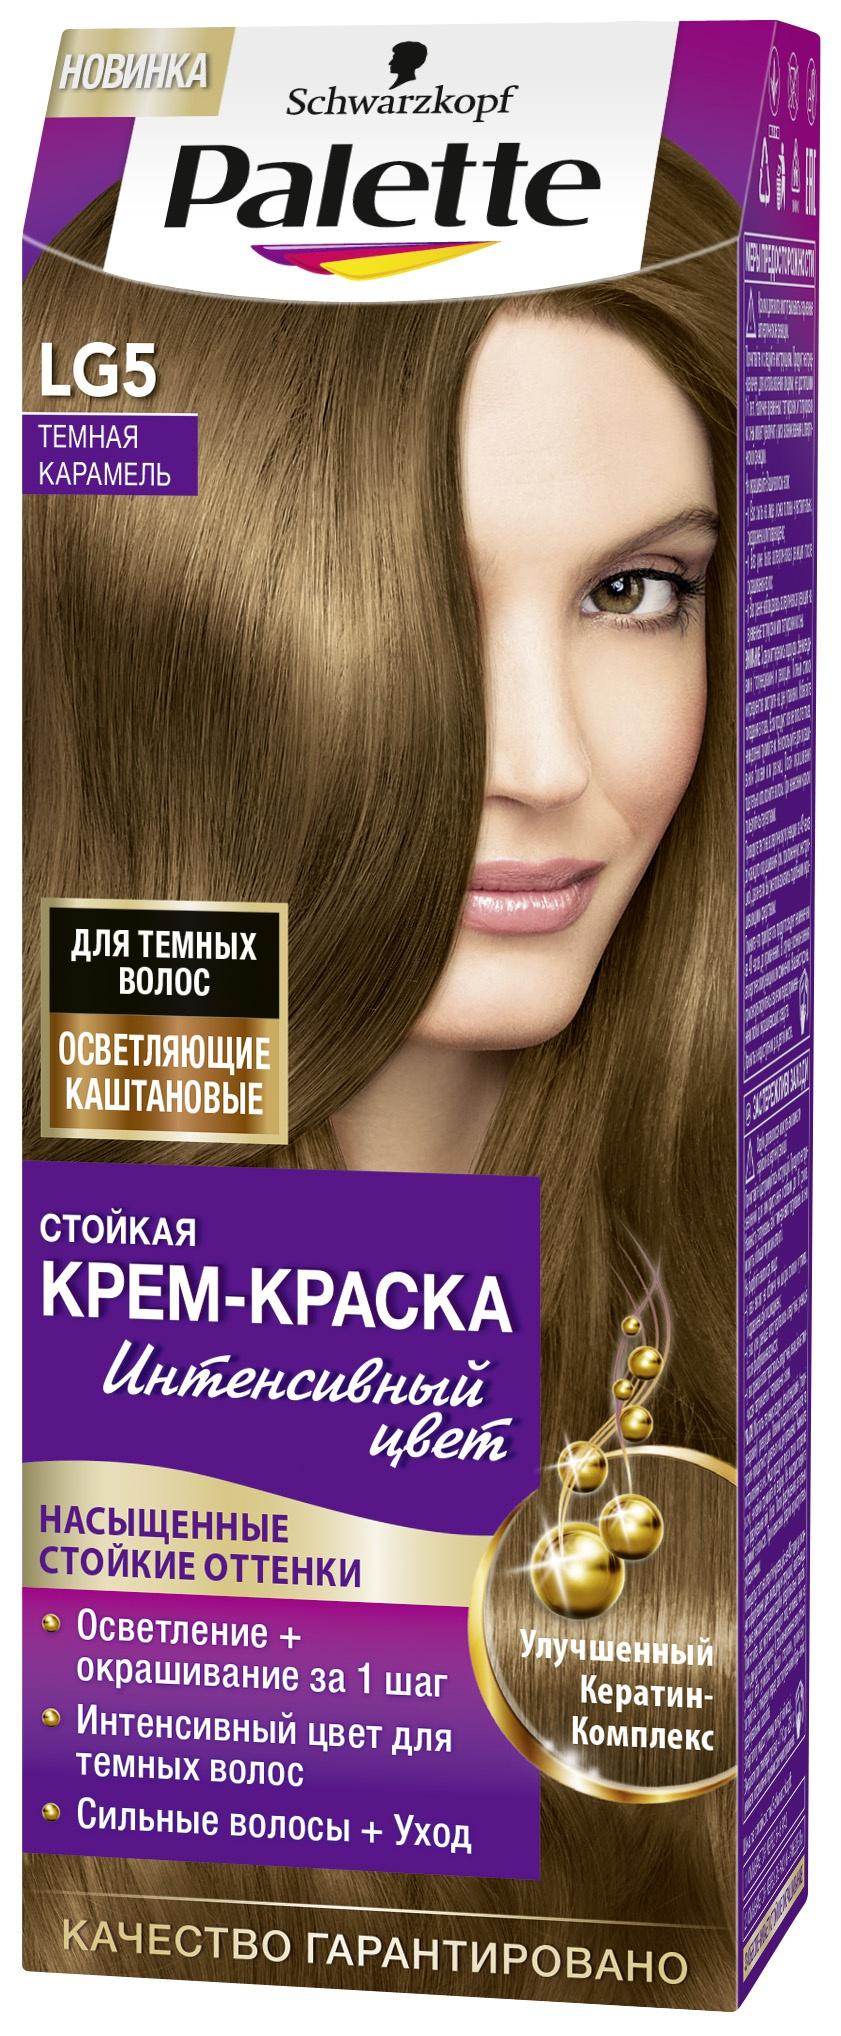 Палитра красок для волос карамельных оттенков